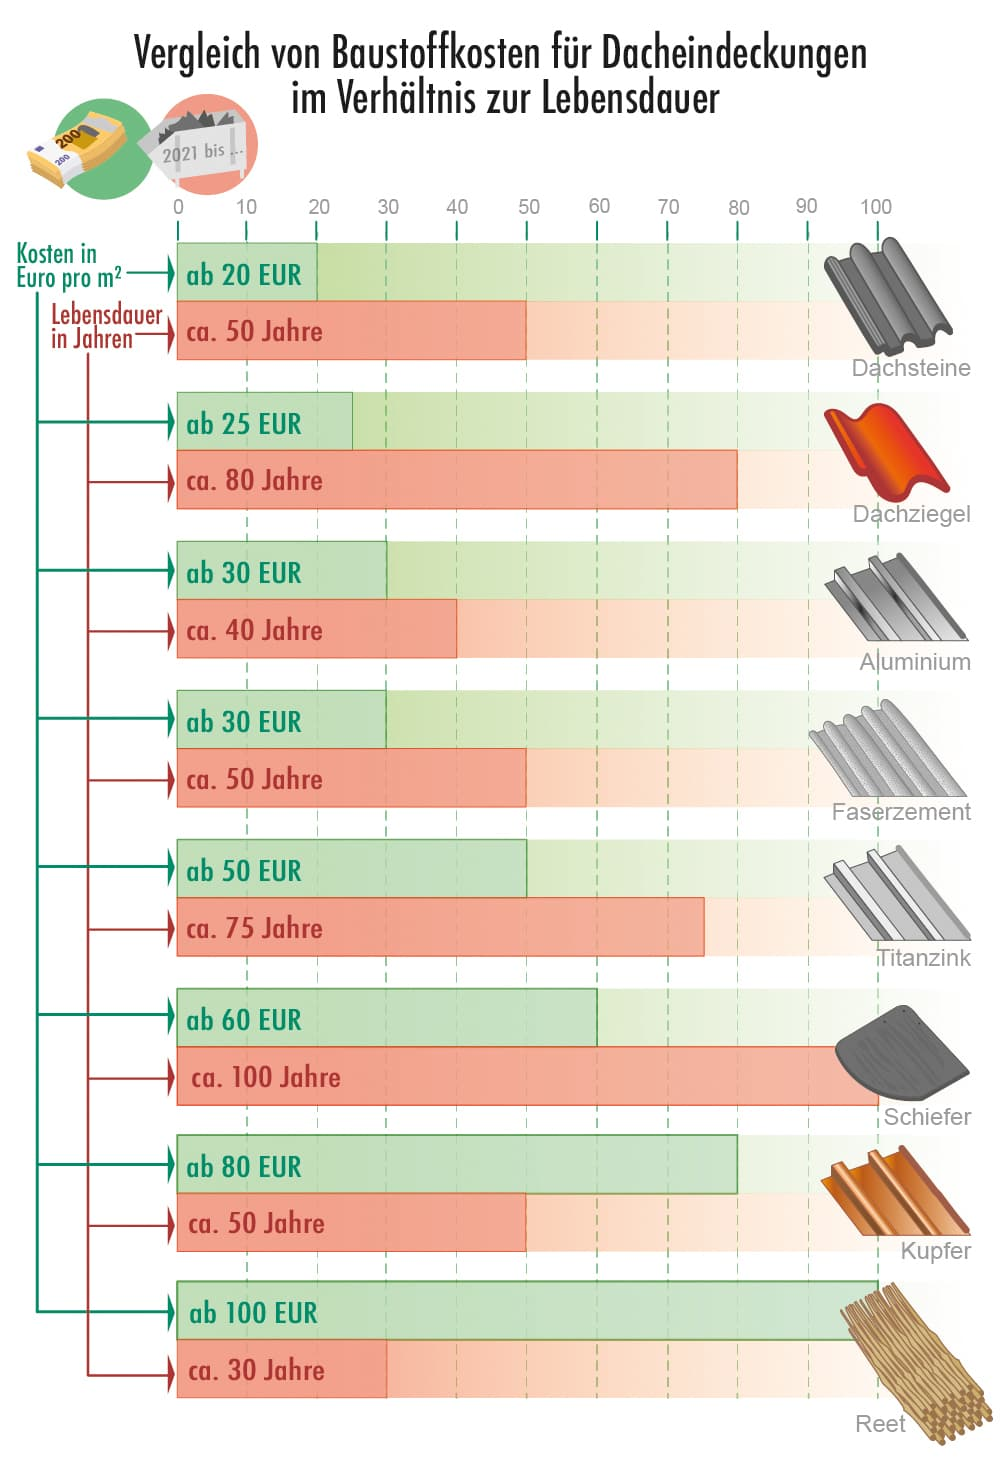 Kosten einer Dacheindeckung mit Bezug zur Lebensdauer